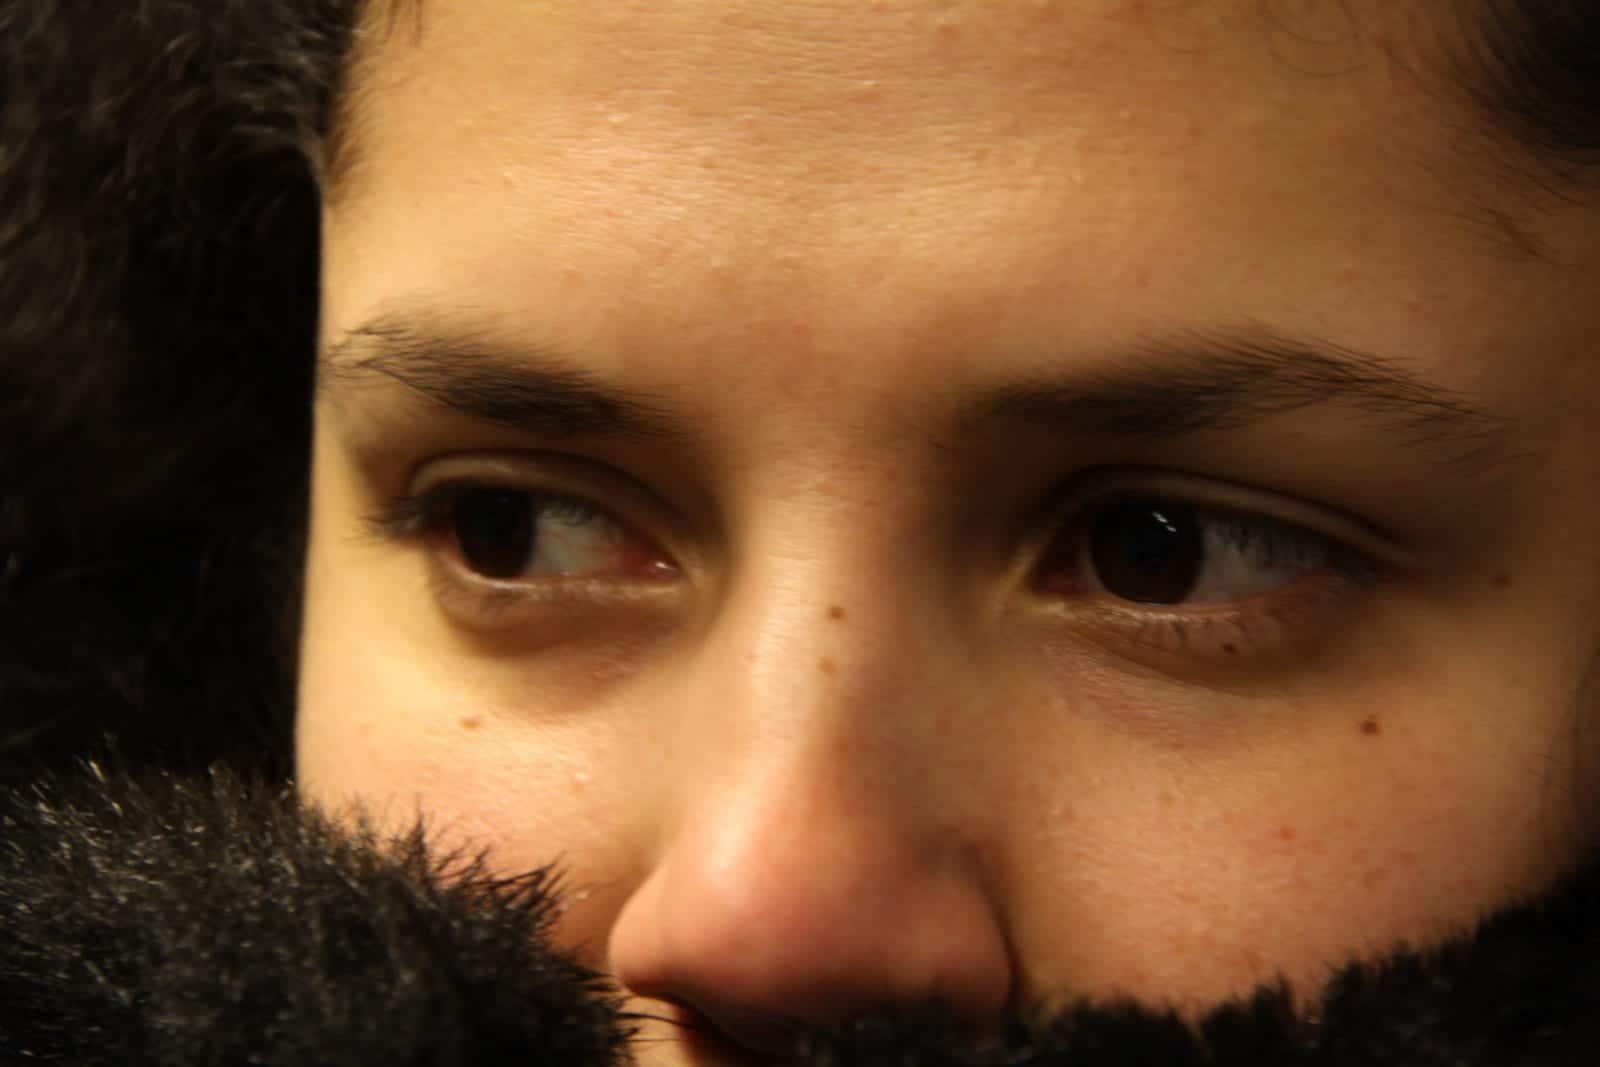 Cómo borrar el cansancio de la piel: cara y ojeras